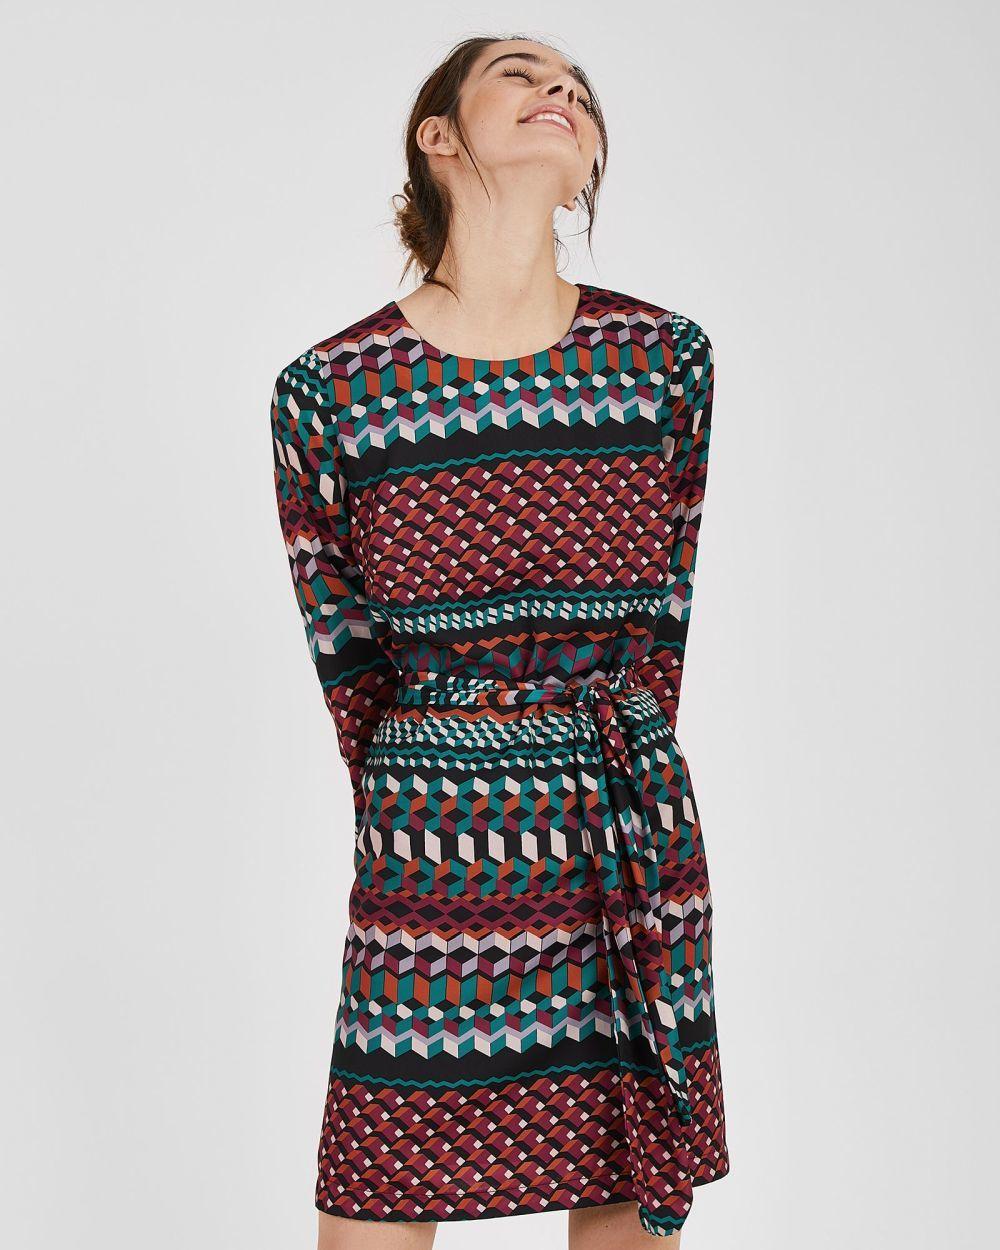 Vestido estampado, de Trucco (48,97 euros).